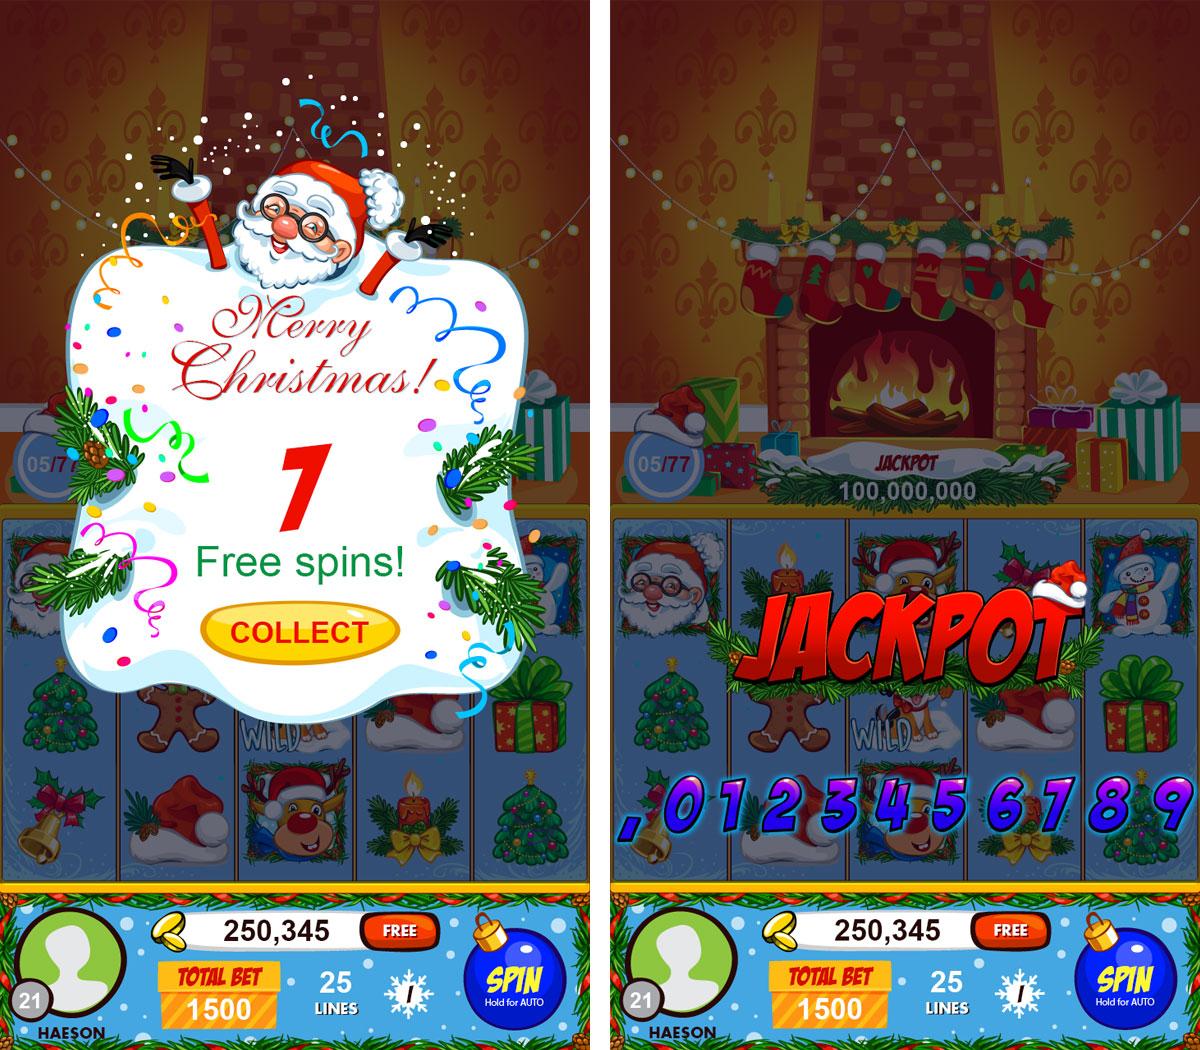 christmas_blog_fs_jackpot